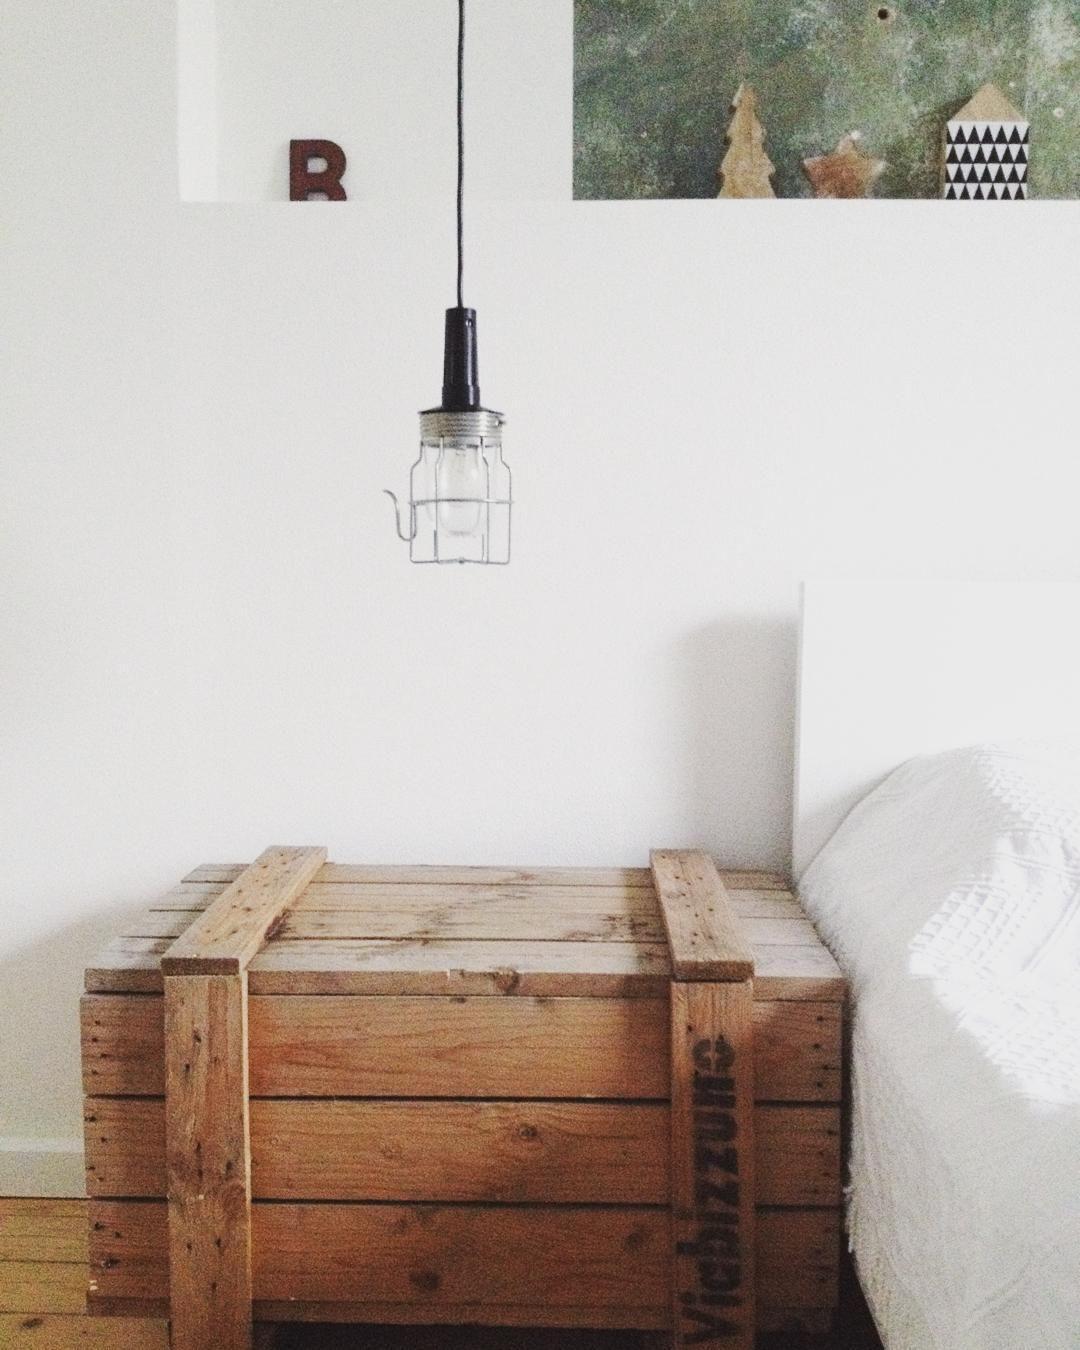 Guten Morgen!  Einen wunderschönen Tag euch allen  (Ich habe erstmals Adventsdeko im Schlafzimmer ob mir das nicht viel zu viel Chichi ist weiß ich auch noch nicht ) #morning #vintage #baulampe #bedroom #instahome #home #scandinaviandesign #scandinavian #weinkisten #weiß #altbau #schwarzweiß #schlafzimmer #goodmorning #letters by livingliebe